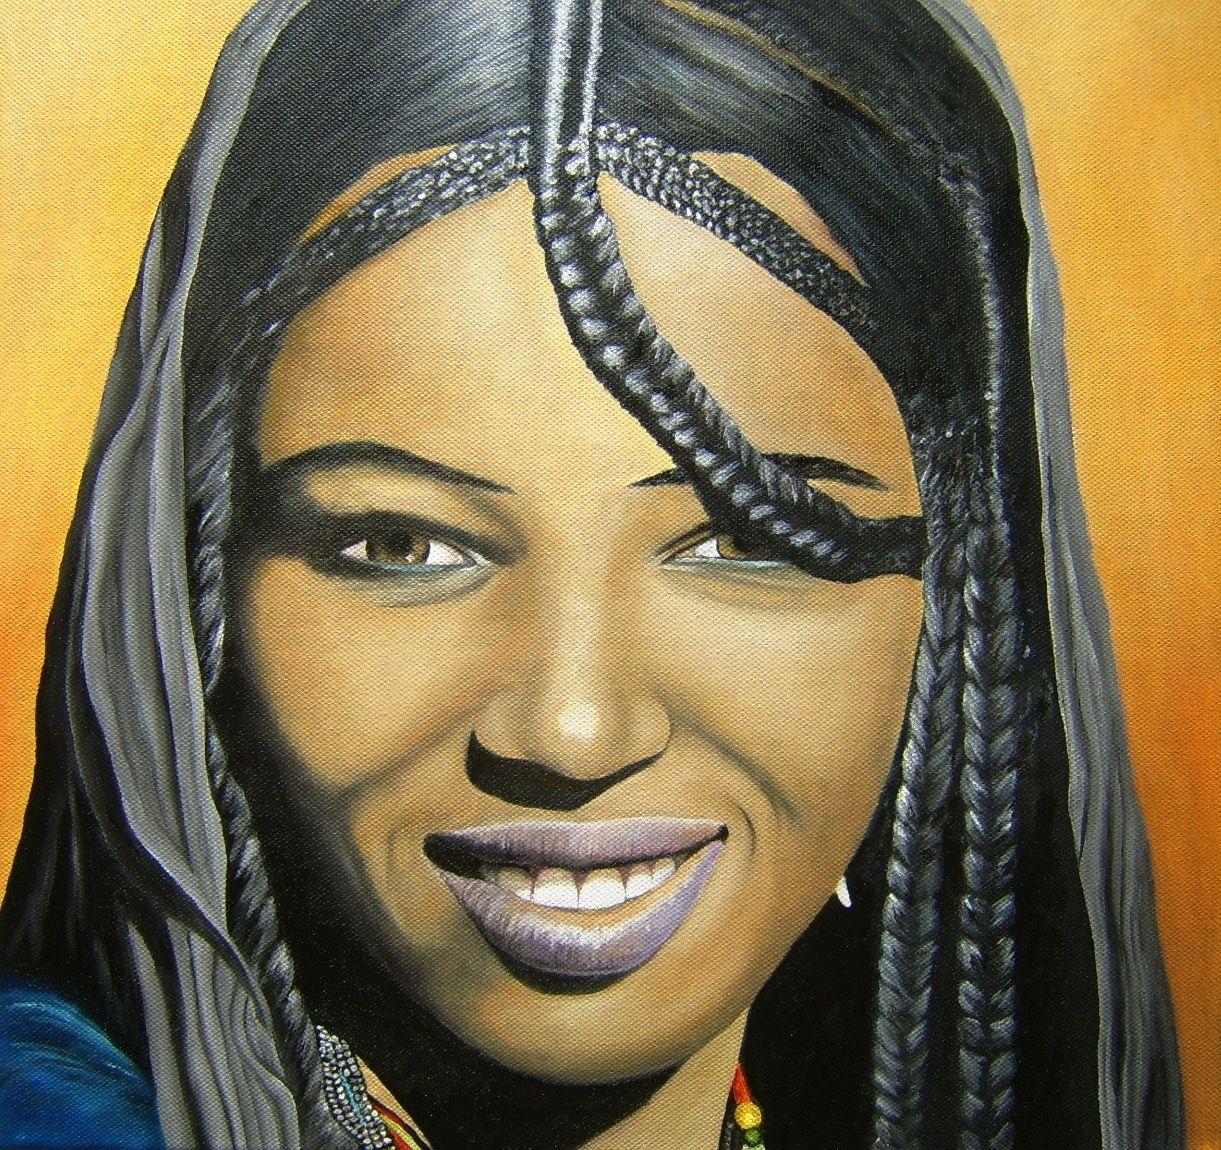 Kunstnet werke malerei menschen dunkle schönheit